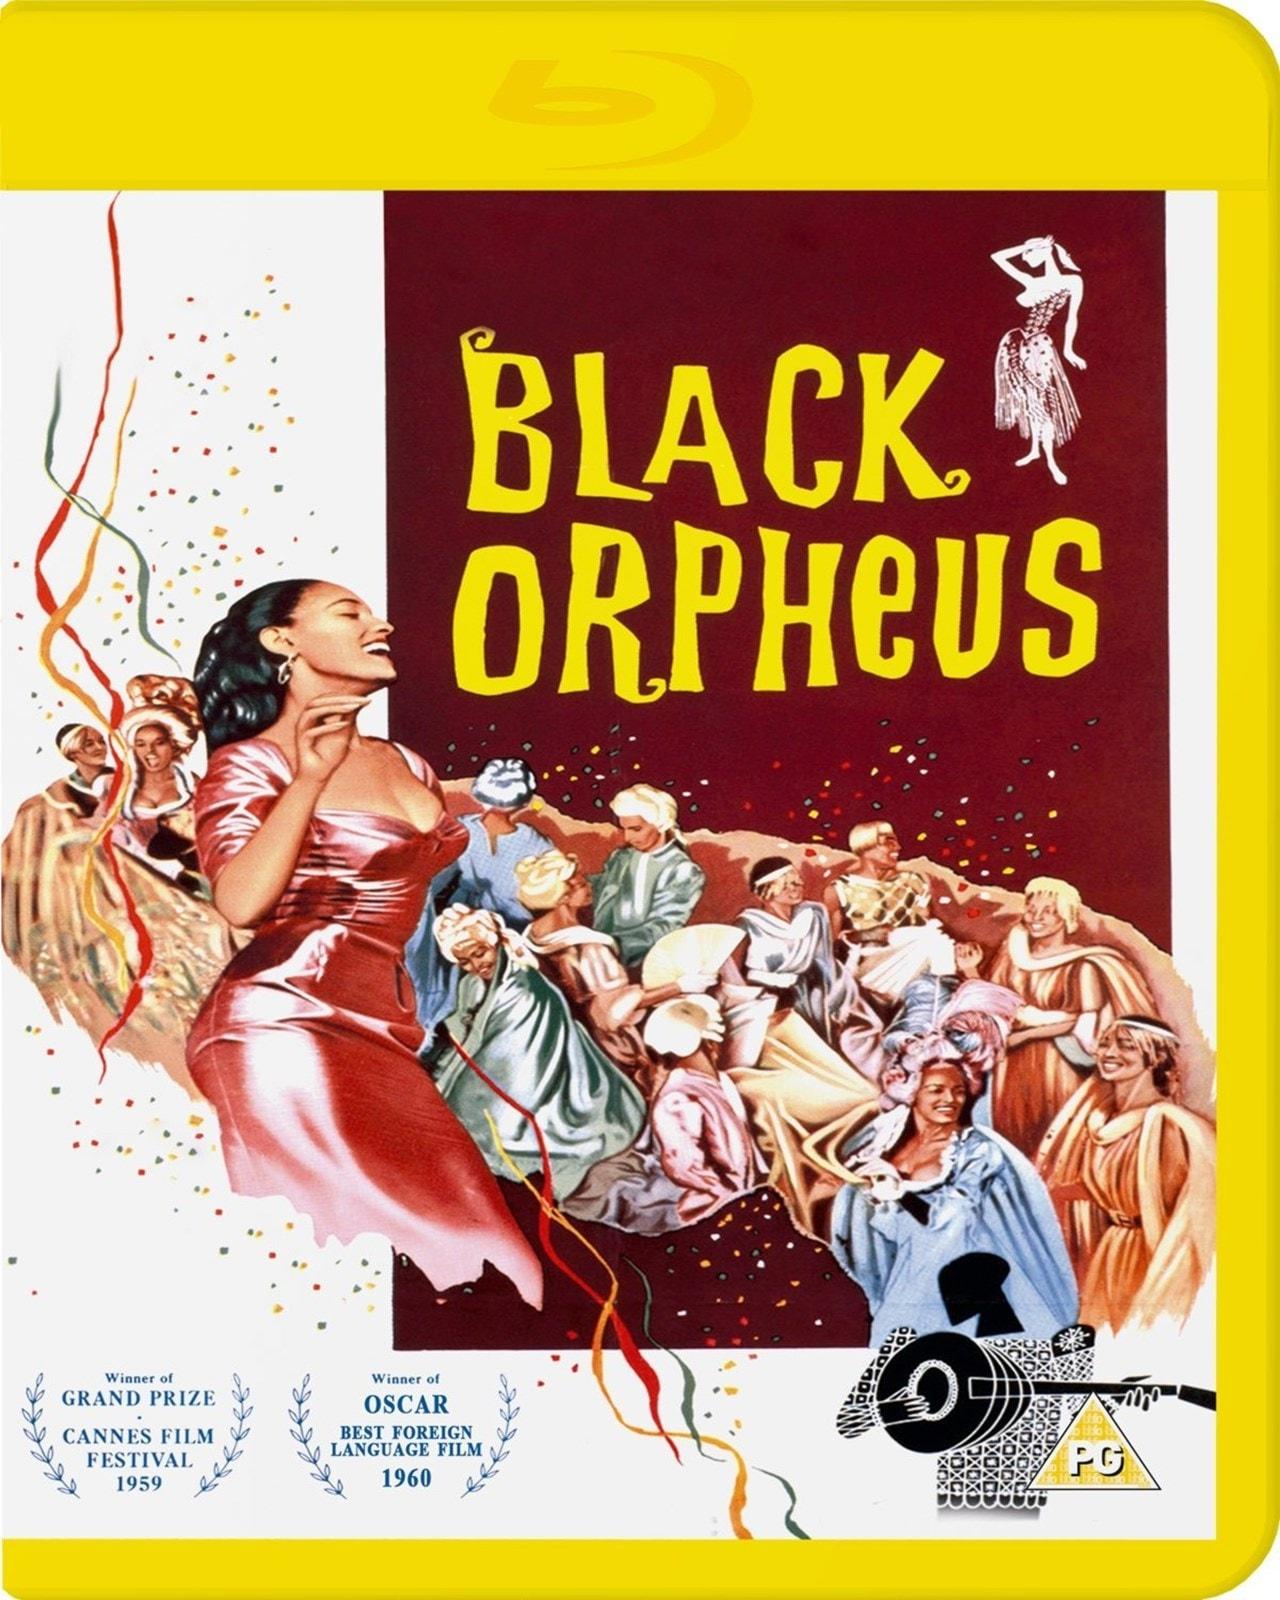 Black Orpheus - 1